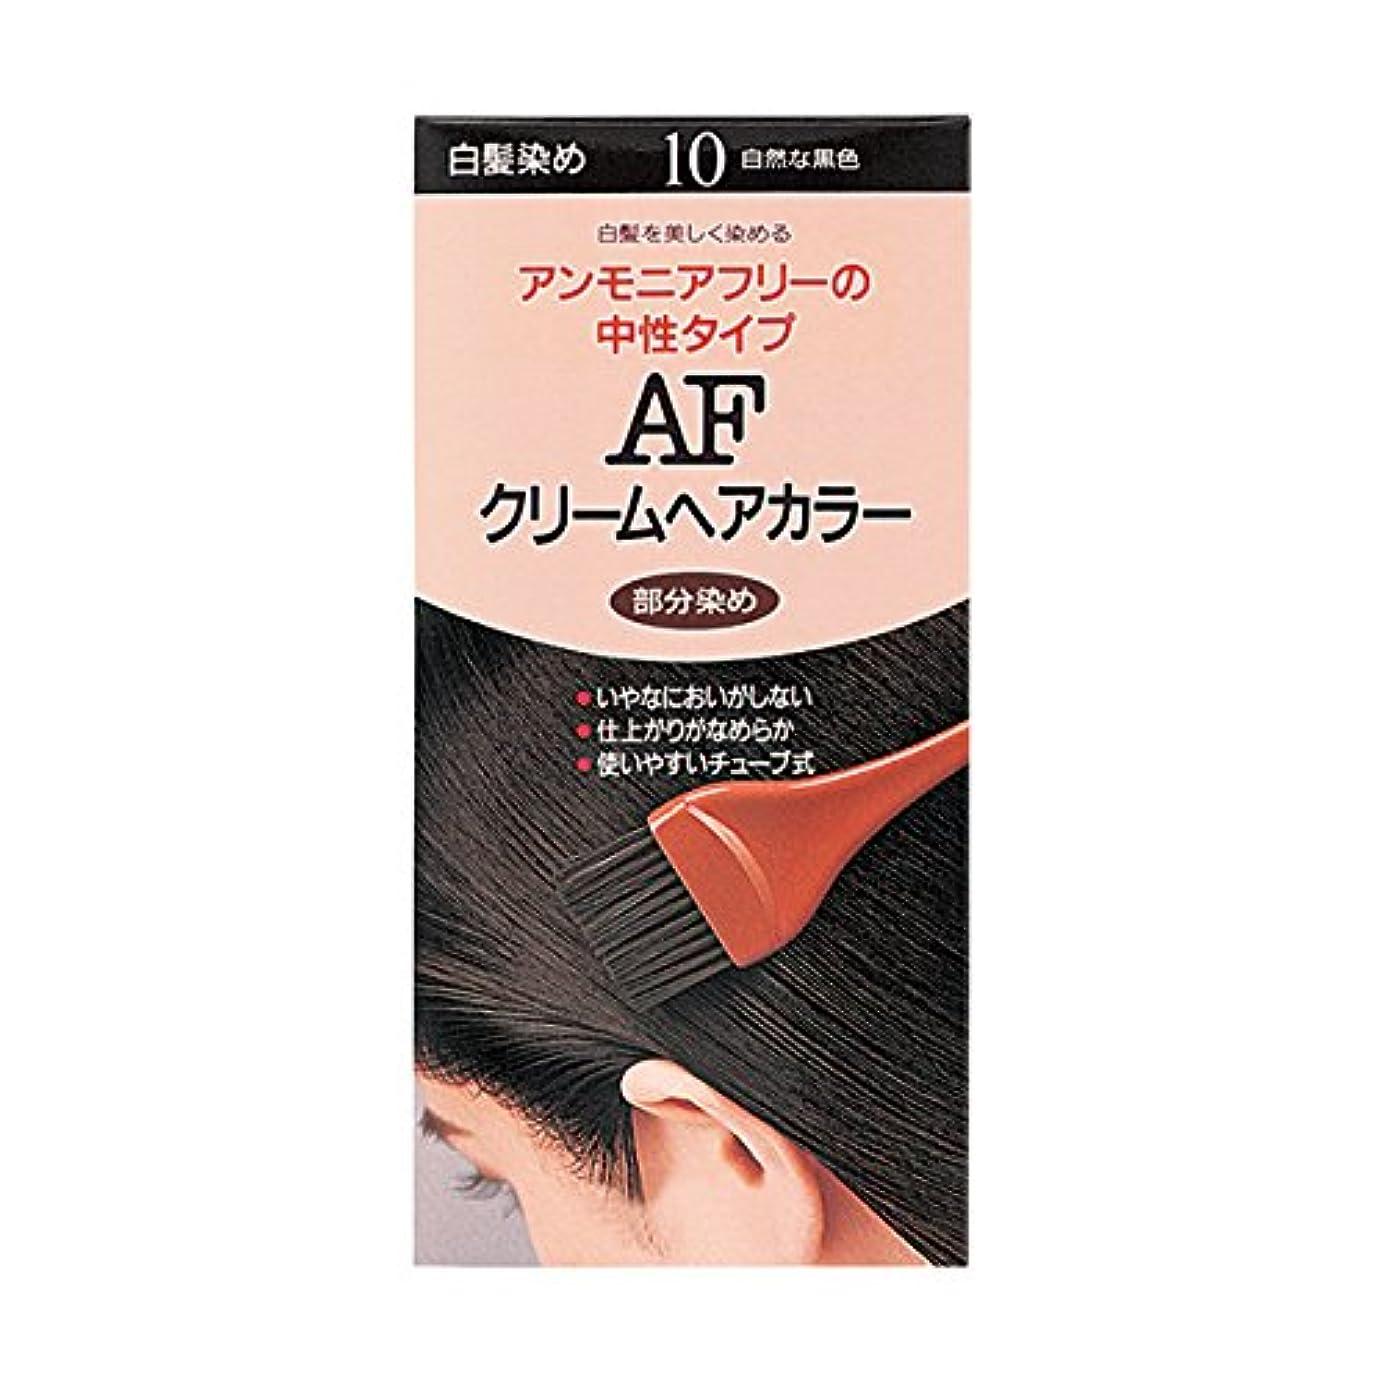 空港サイト考古学者ヘアカラー AFクリームヘアカラー 10 【医薬部外品】